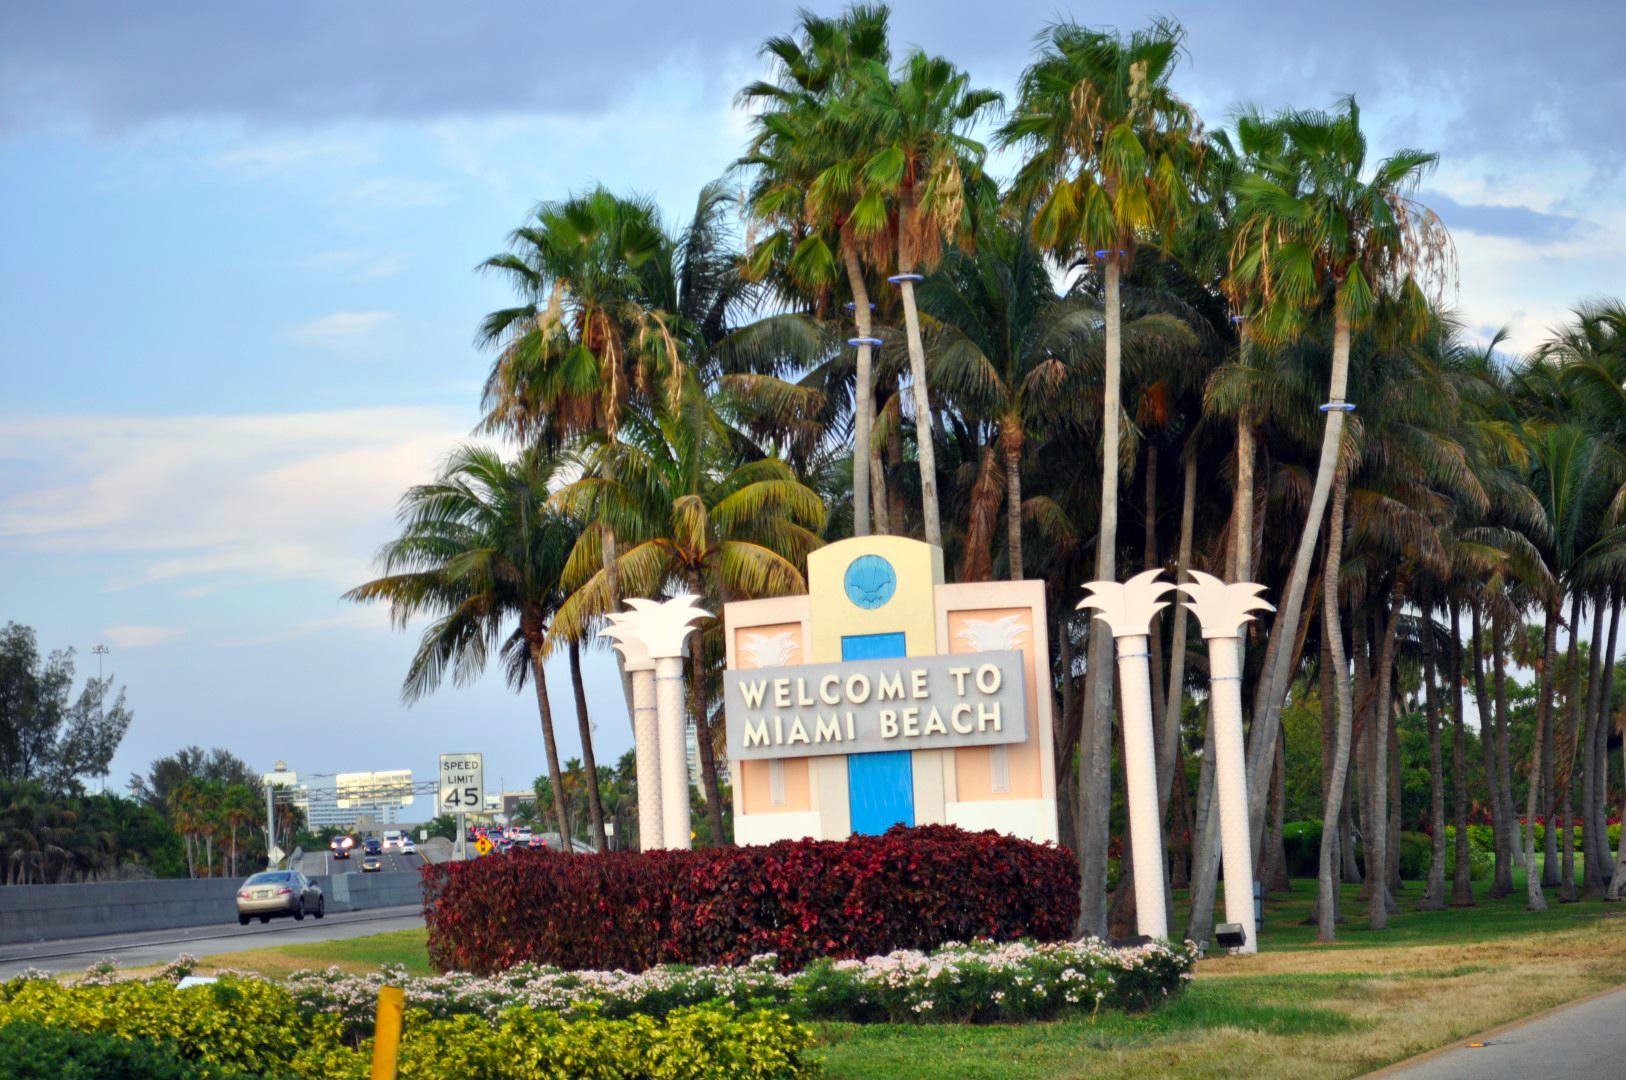 Qué hacer y ver en Miami, Florida Qué hacer y ver en Miami Qué hacer y ver en Miami 31344970146 9ea16bdcc4 o